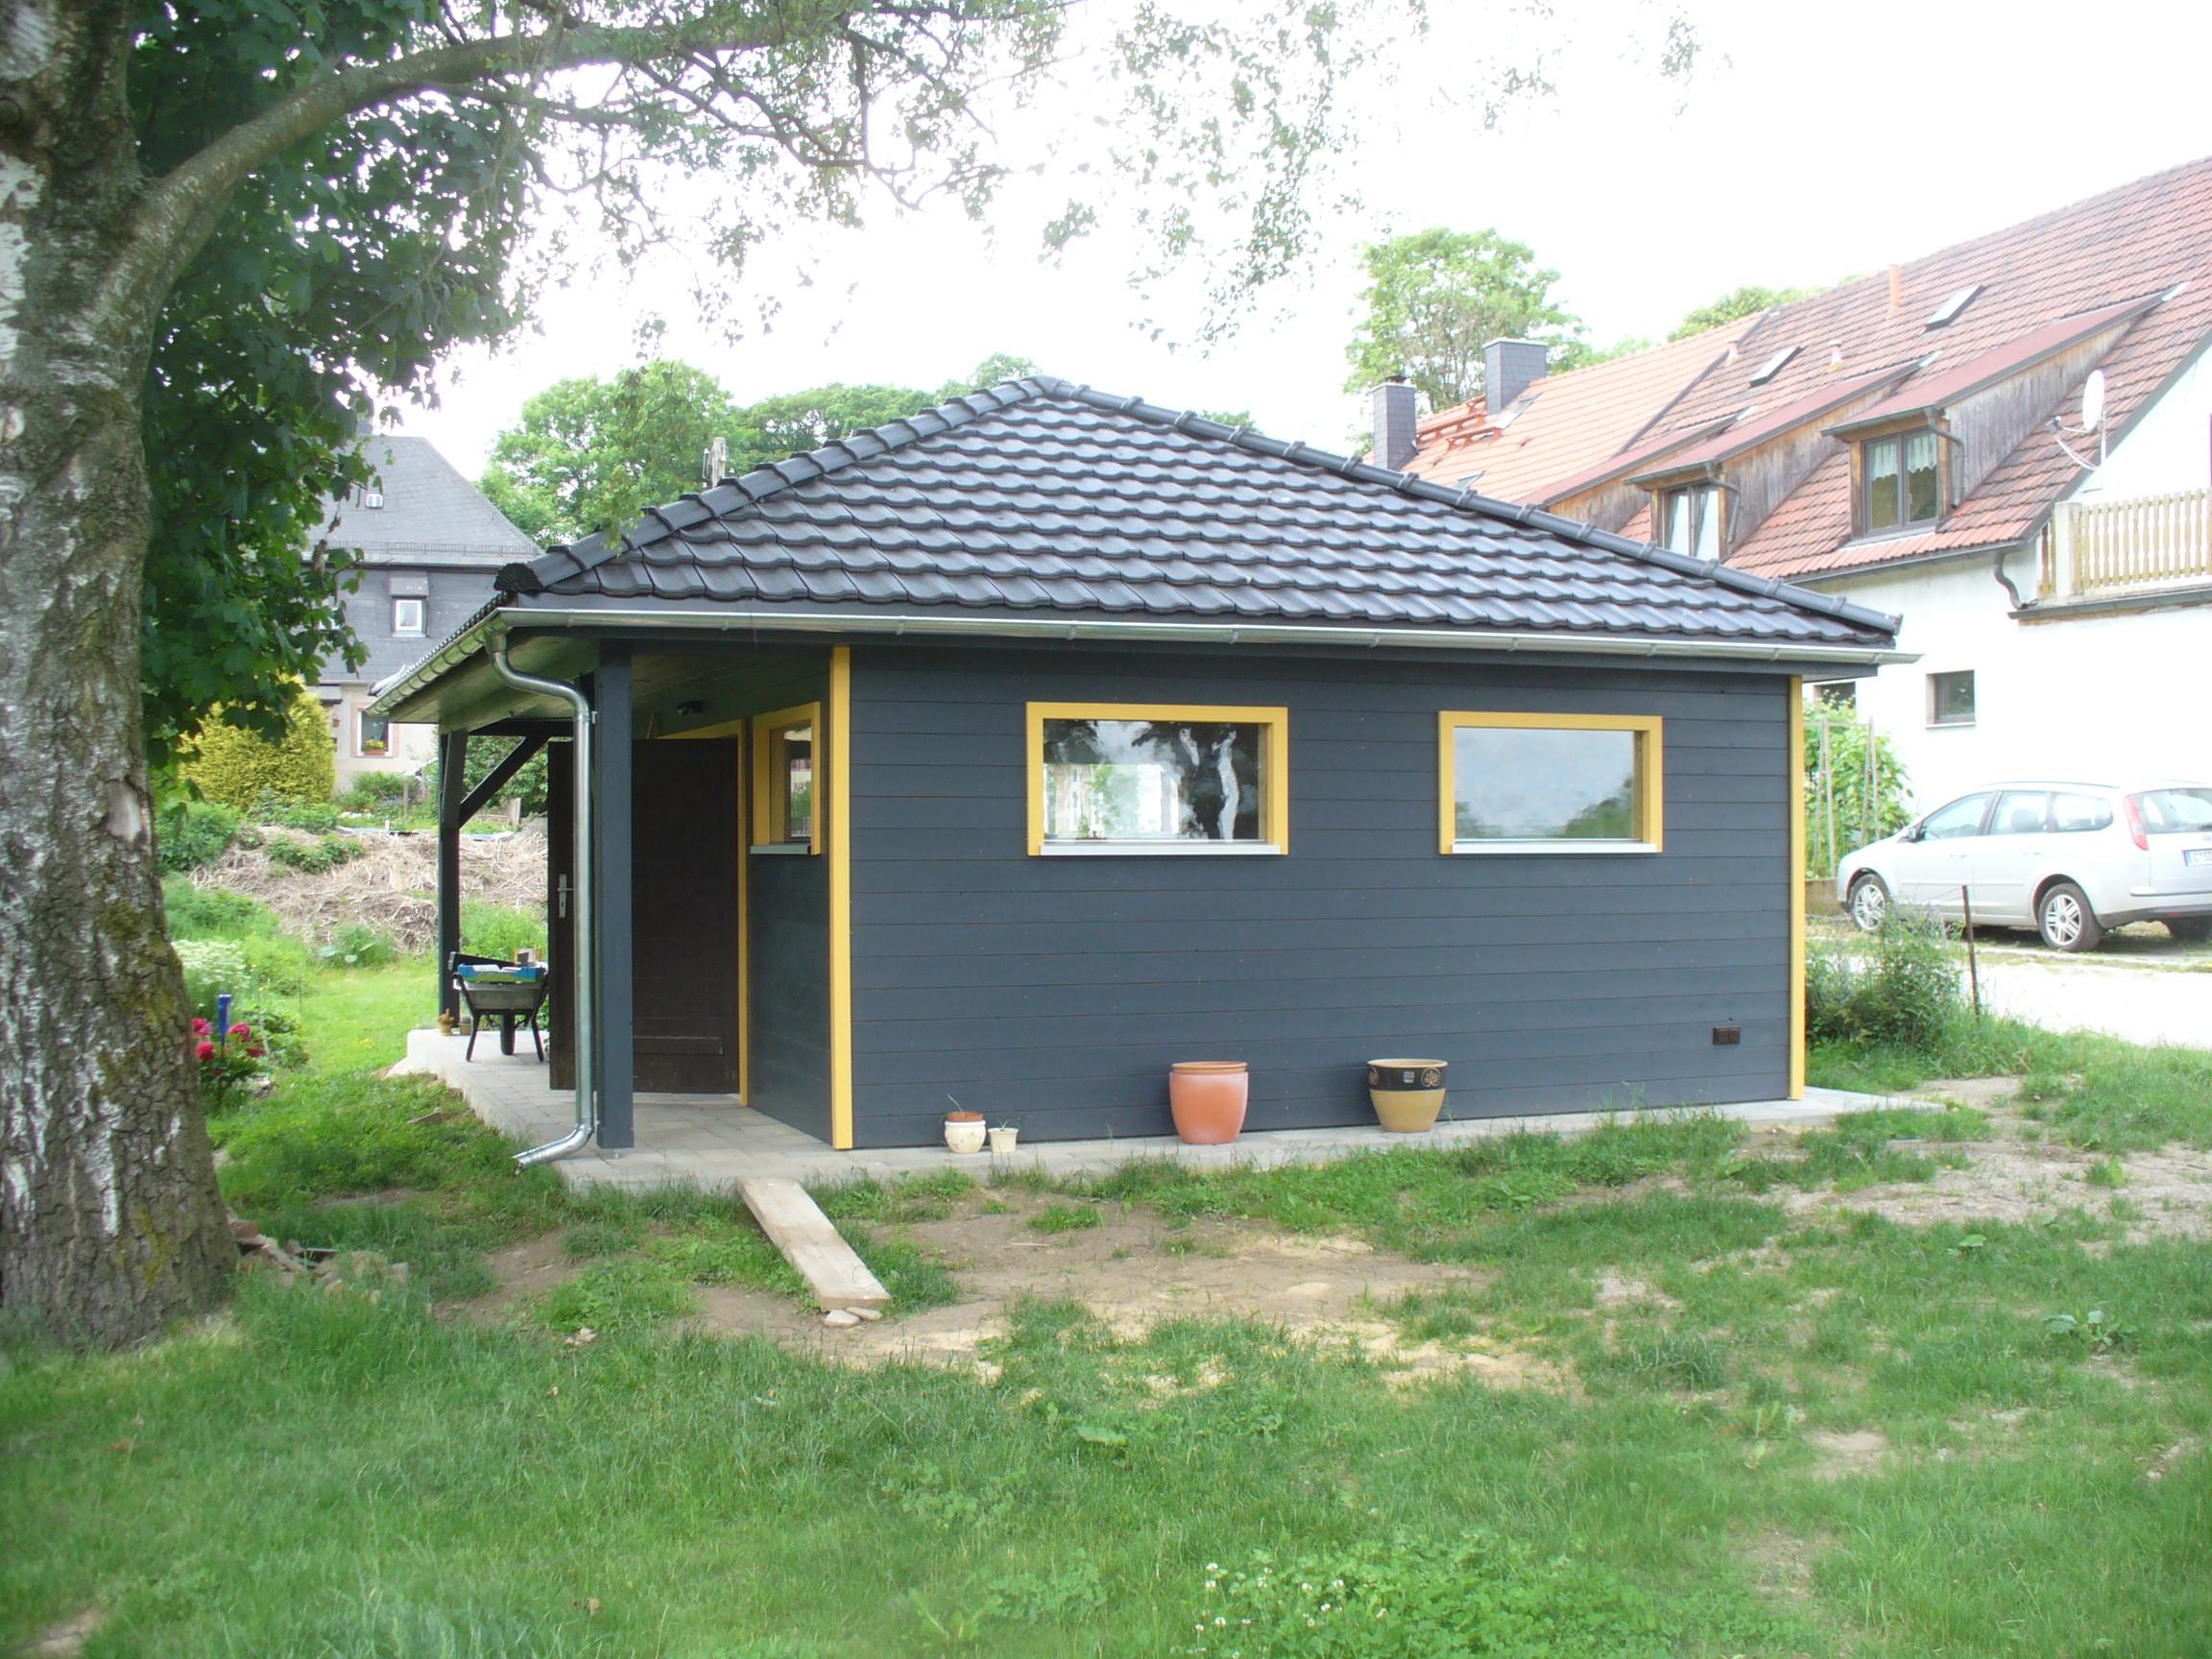 Gartenhaus als wochenendhaus carport scherzer